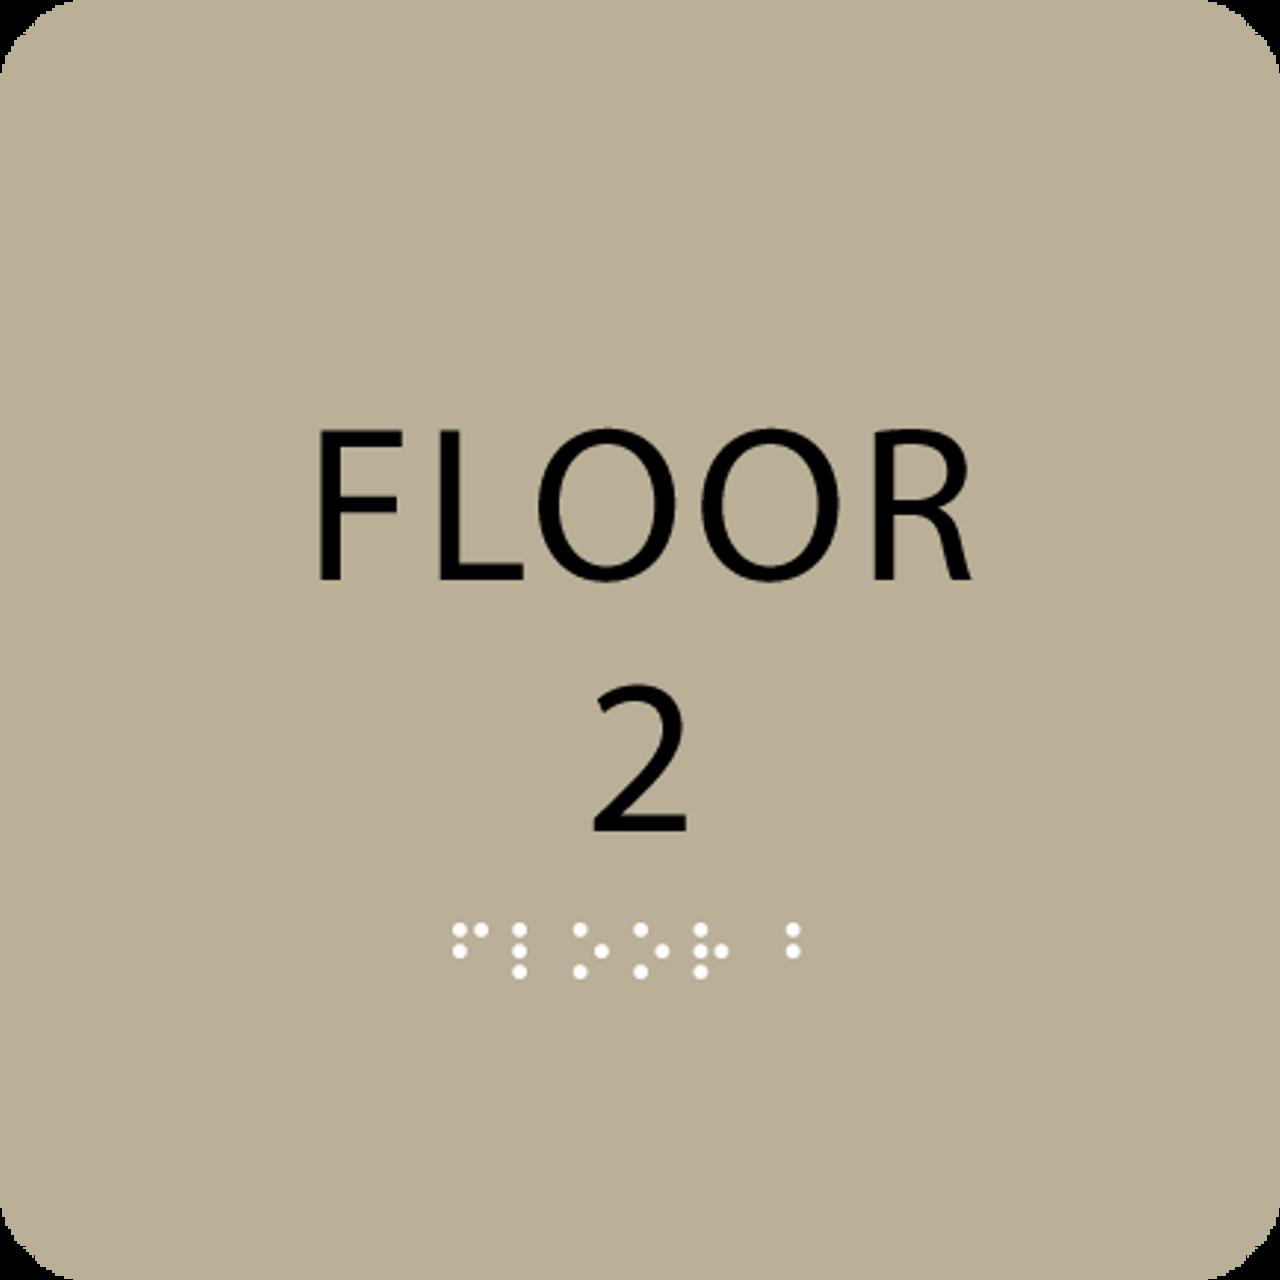 Brown Floor 2 Number Sign